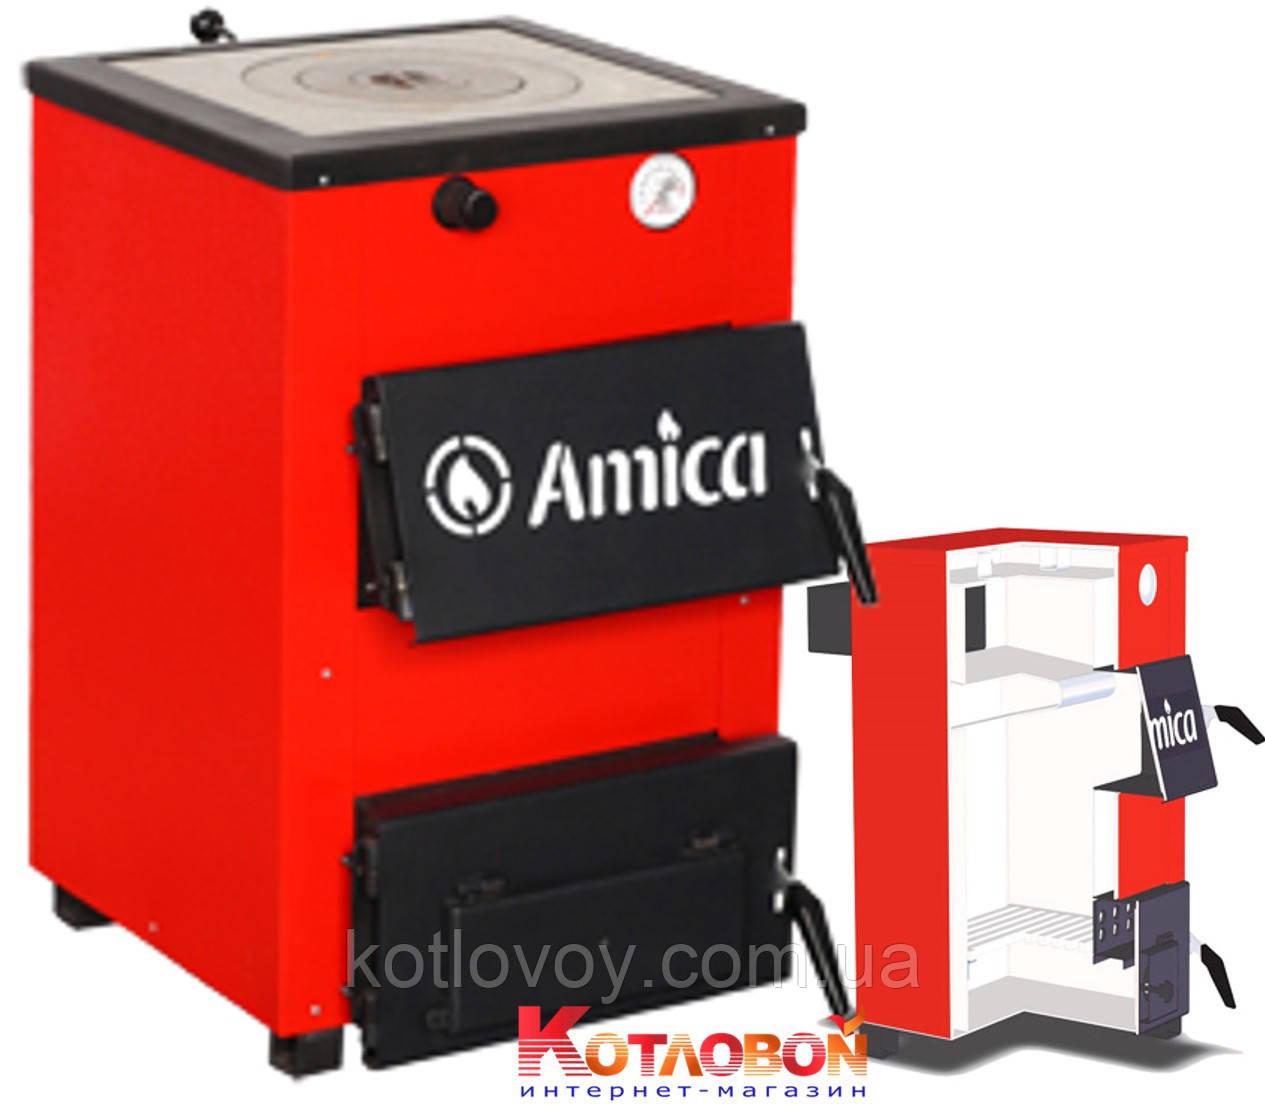 Твердотопливный котел Amica Optima (Амика Оптима) с чугунной плитой